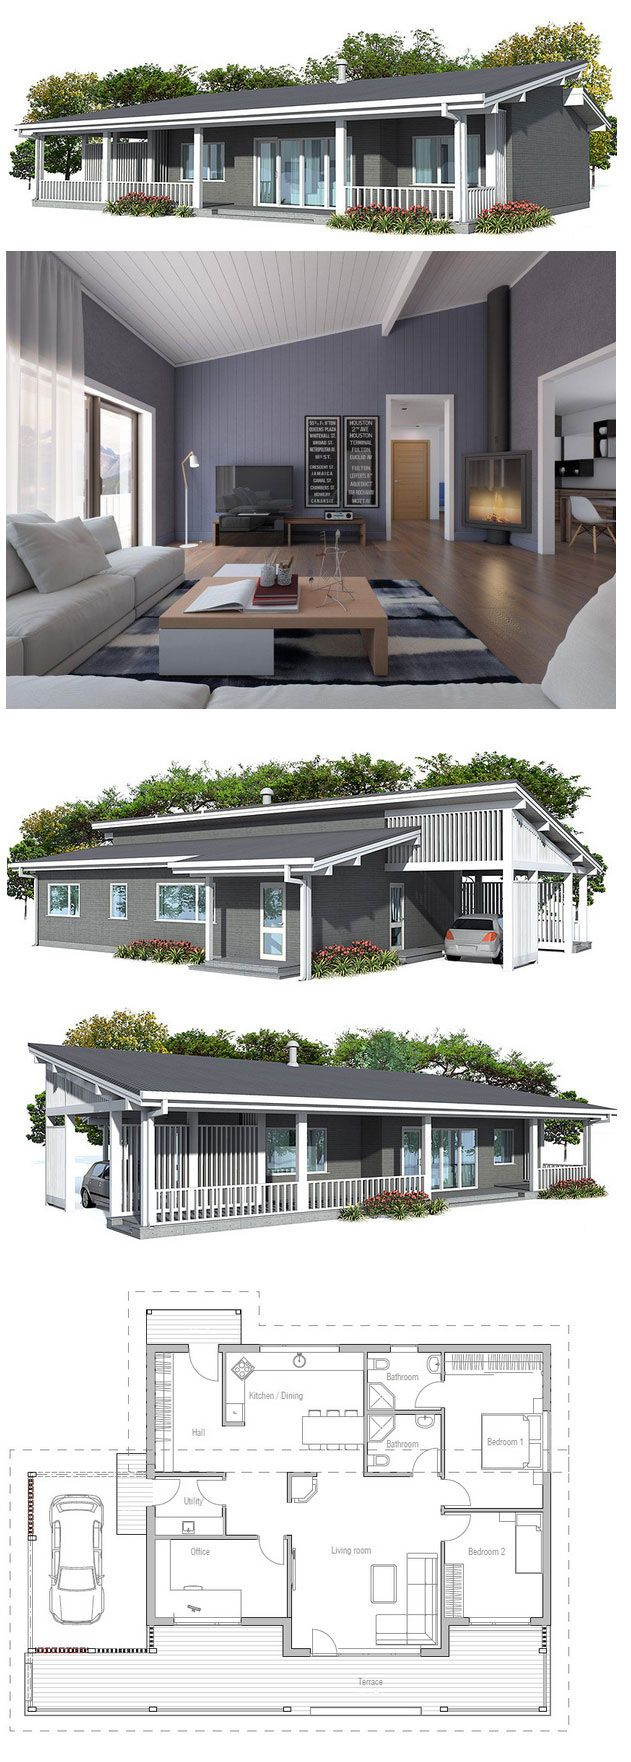 Plan De Petite Maison Plans Pinterest Maison Plan Maison And